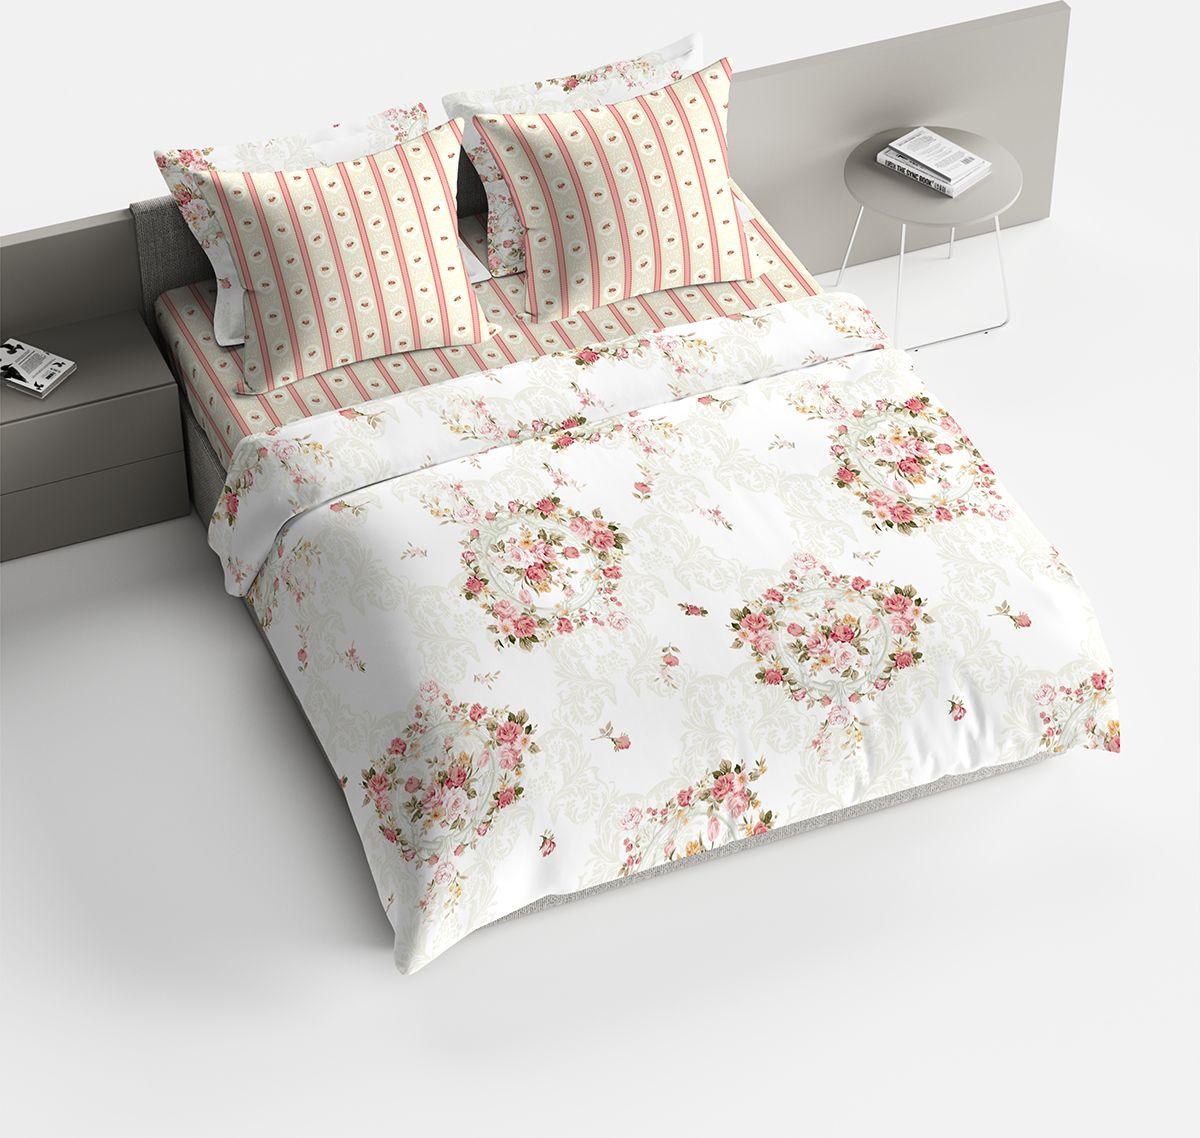 Комплект белья Браво Пробуждение, евро, наволочки 70x70, цвет: персиковый. 1842-146106